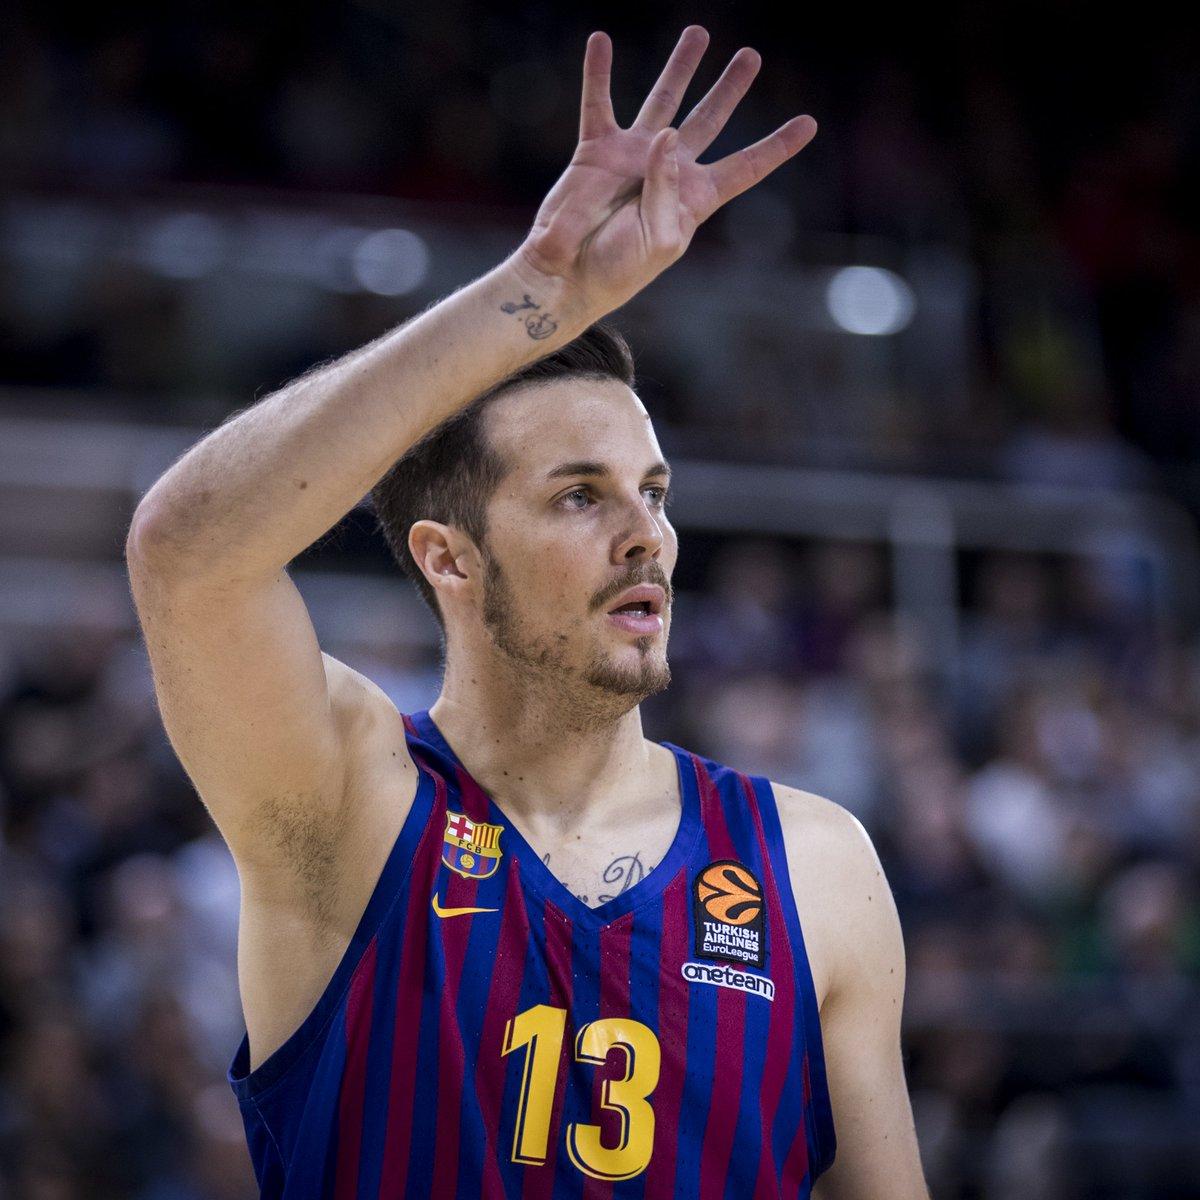 🏀 Aquest dimecres s'ha confirmat que disputarem els playoffs de @EuroLeague  📍Quan? Del 16 d'abril a l'1 de maig (al millor de cinc partits) http://ow.ly/XB1E30o7YpQ  🔵🔴 #ForçaBarça